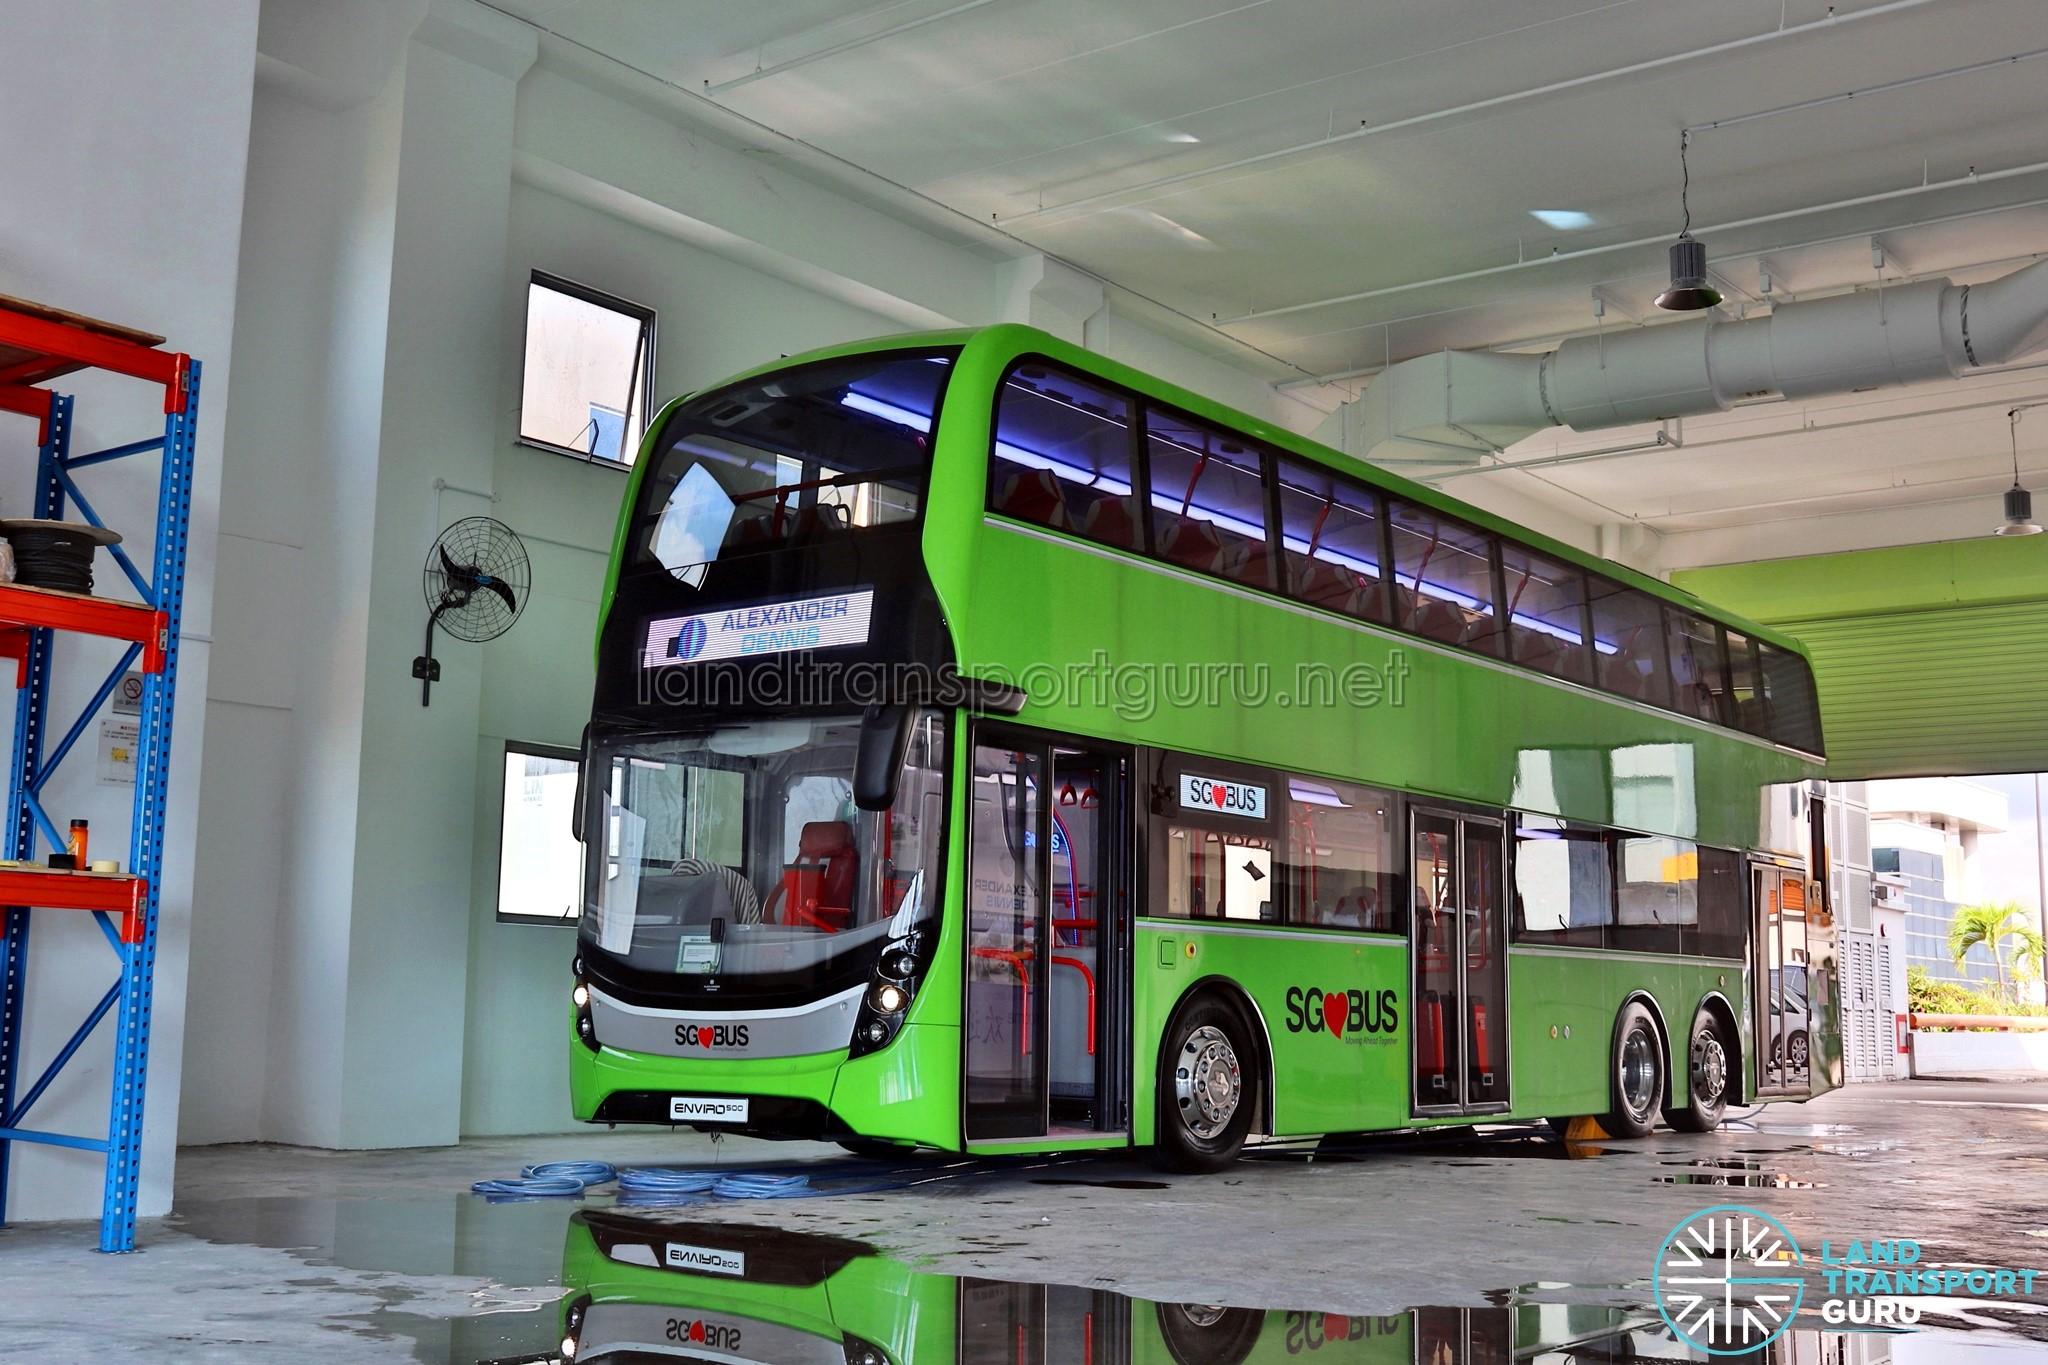 ADL Enviro500 3-Door Concept Bus – 2018 update